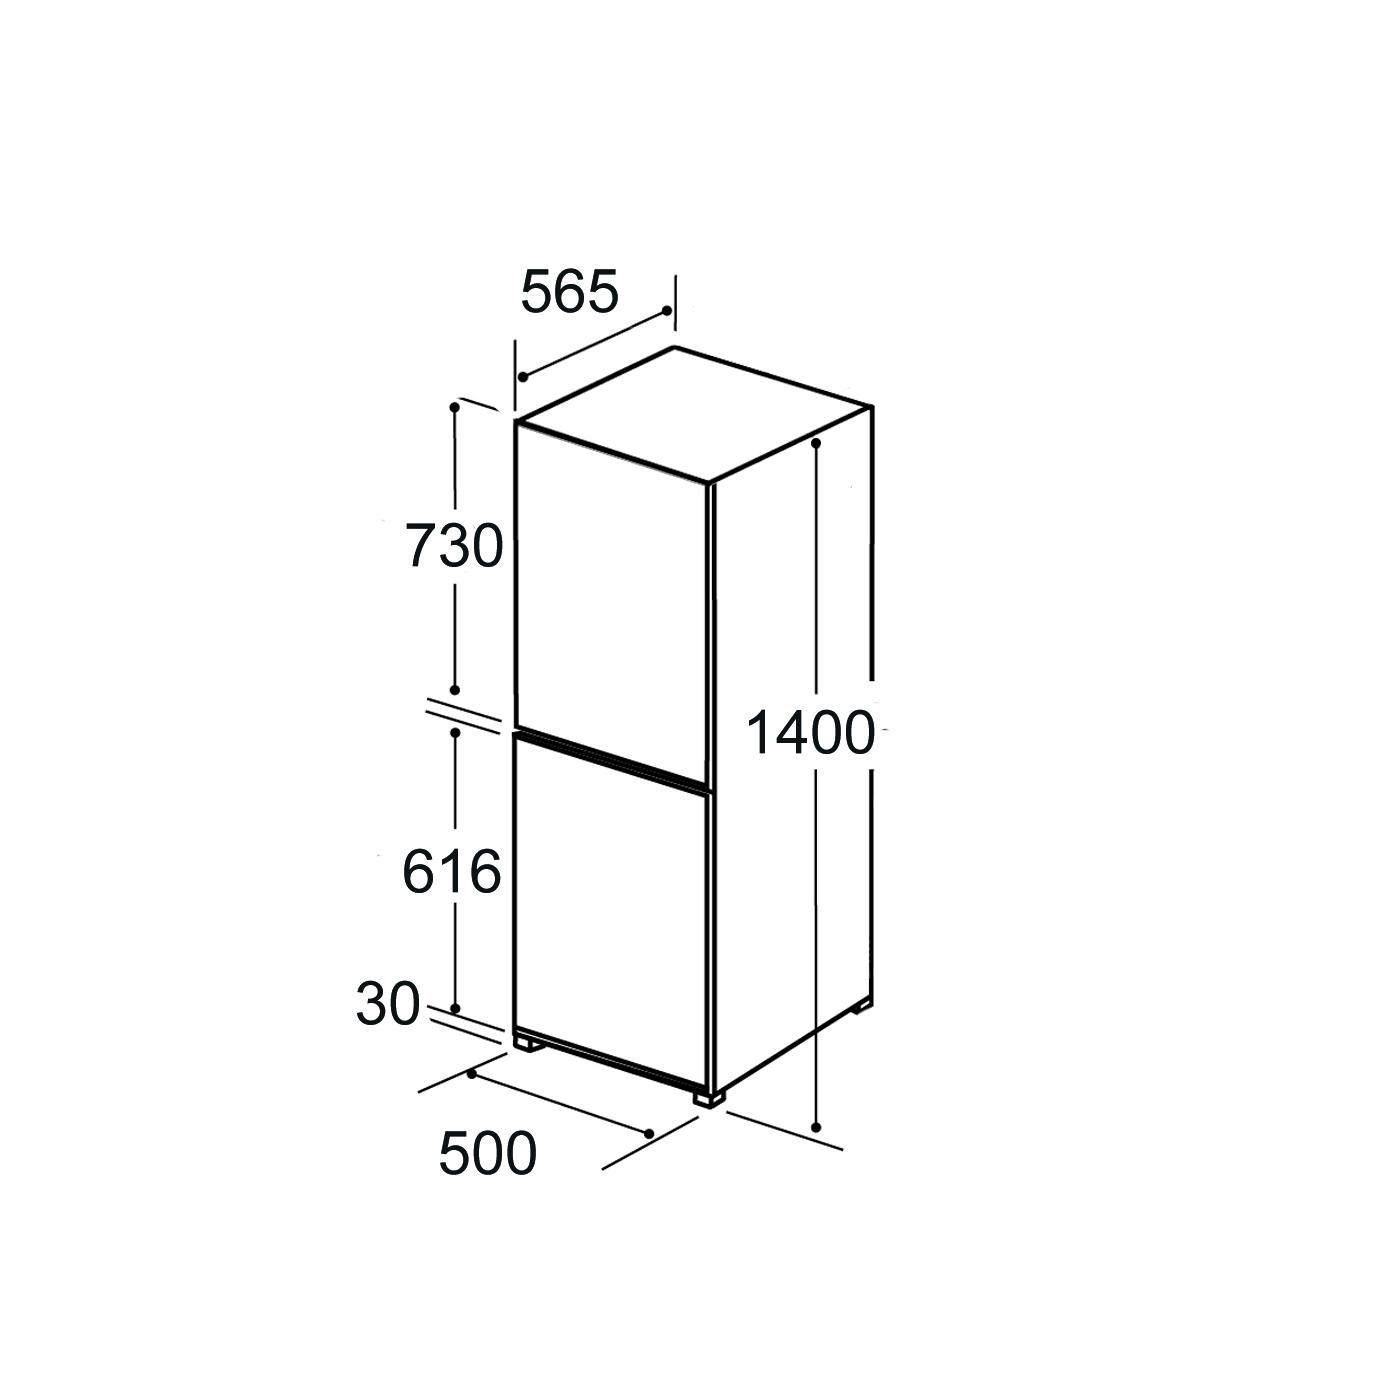 FK1974 50cm freestanding 50/50 fridge freezer, white Alternative (0)